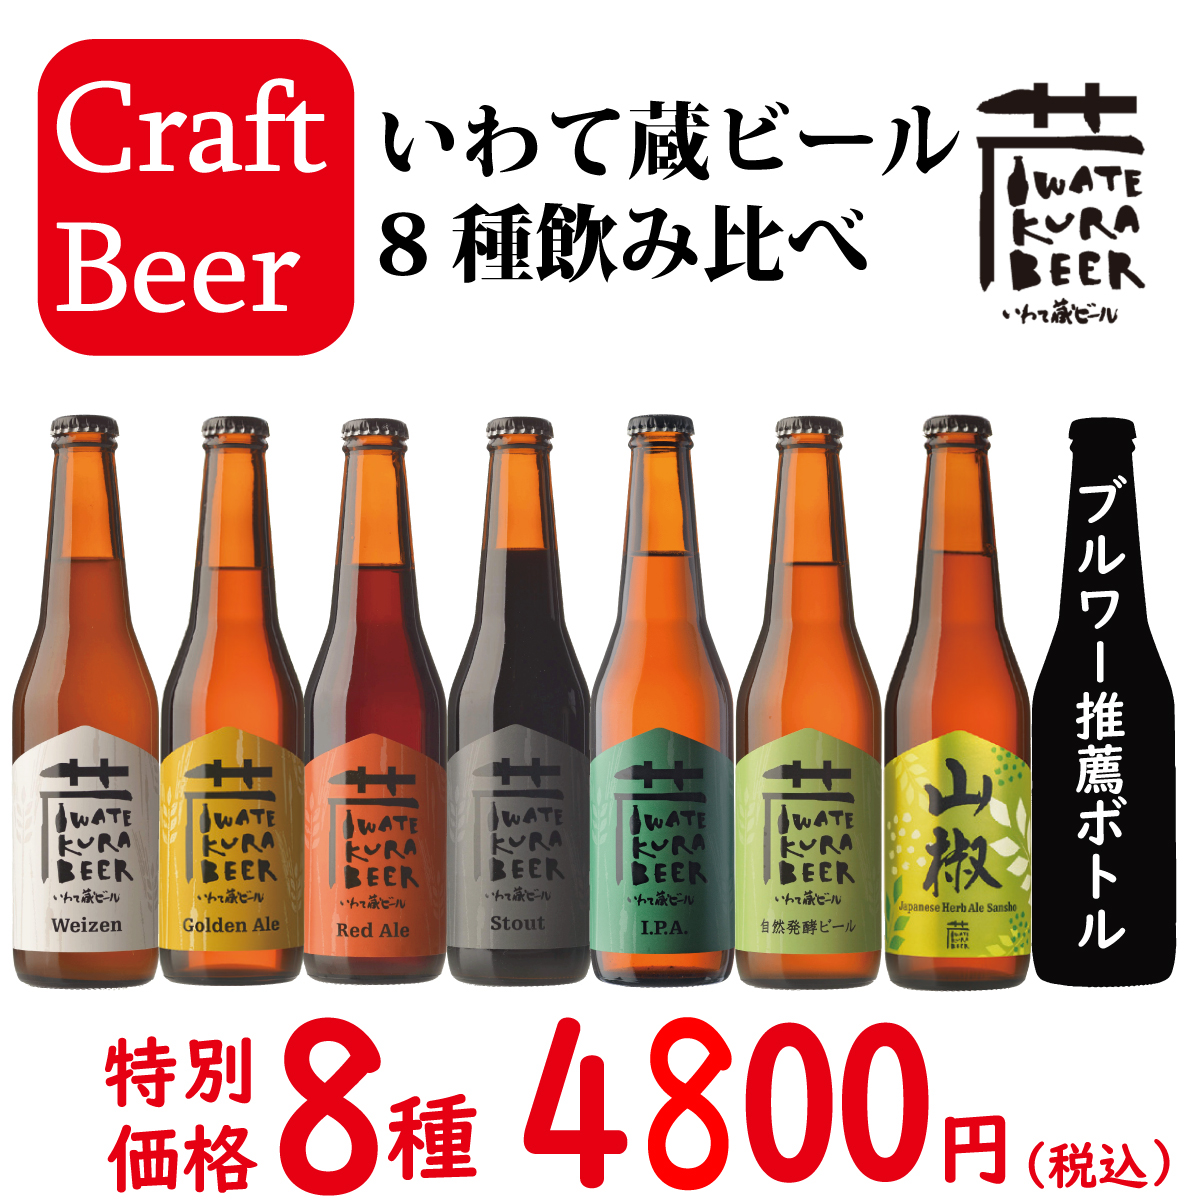 クラフトビール8種のみ比べ